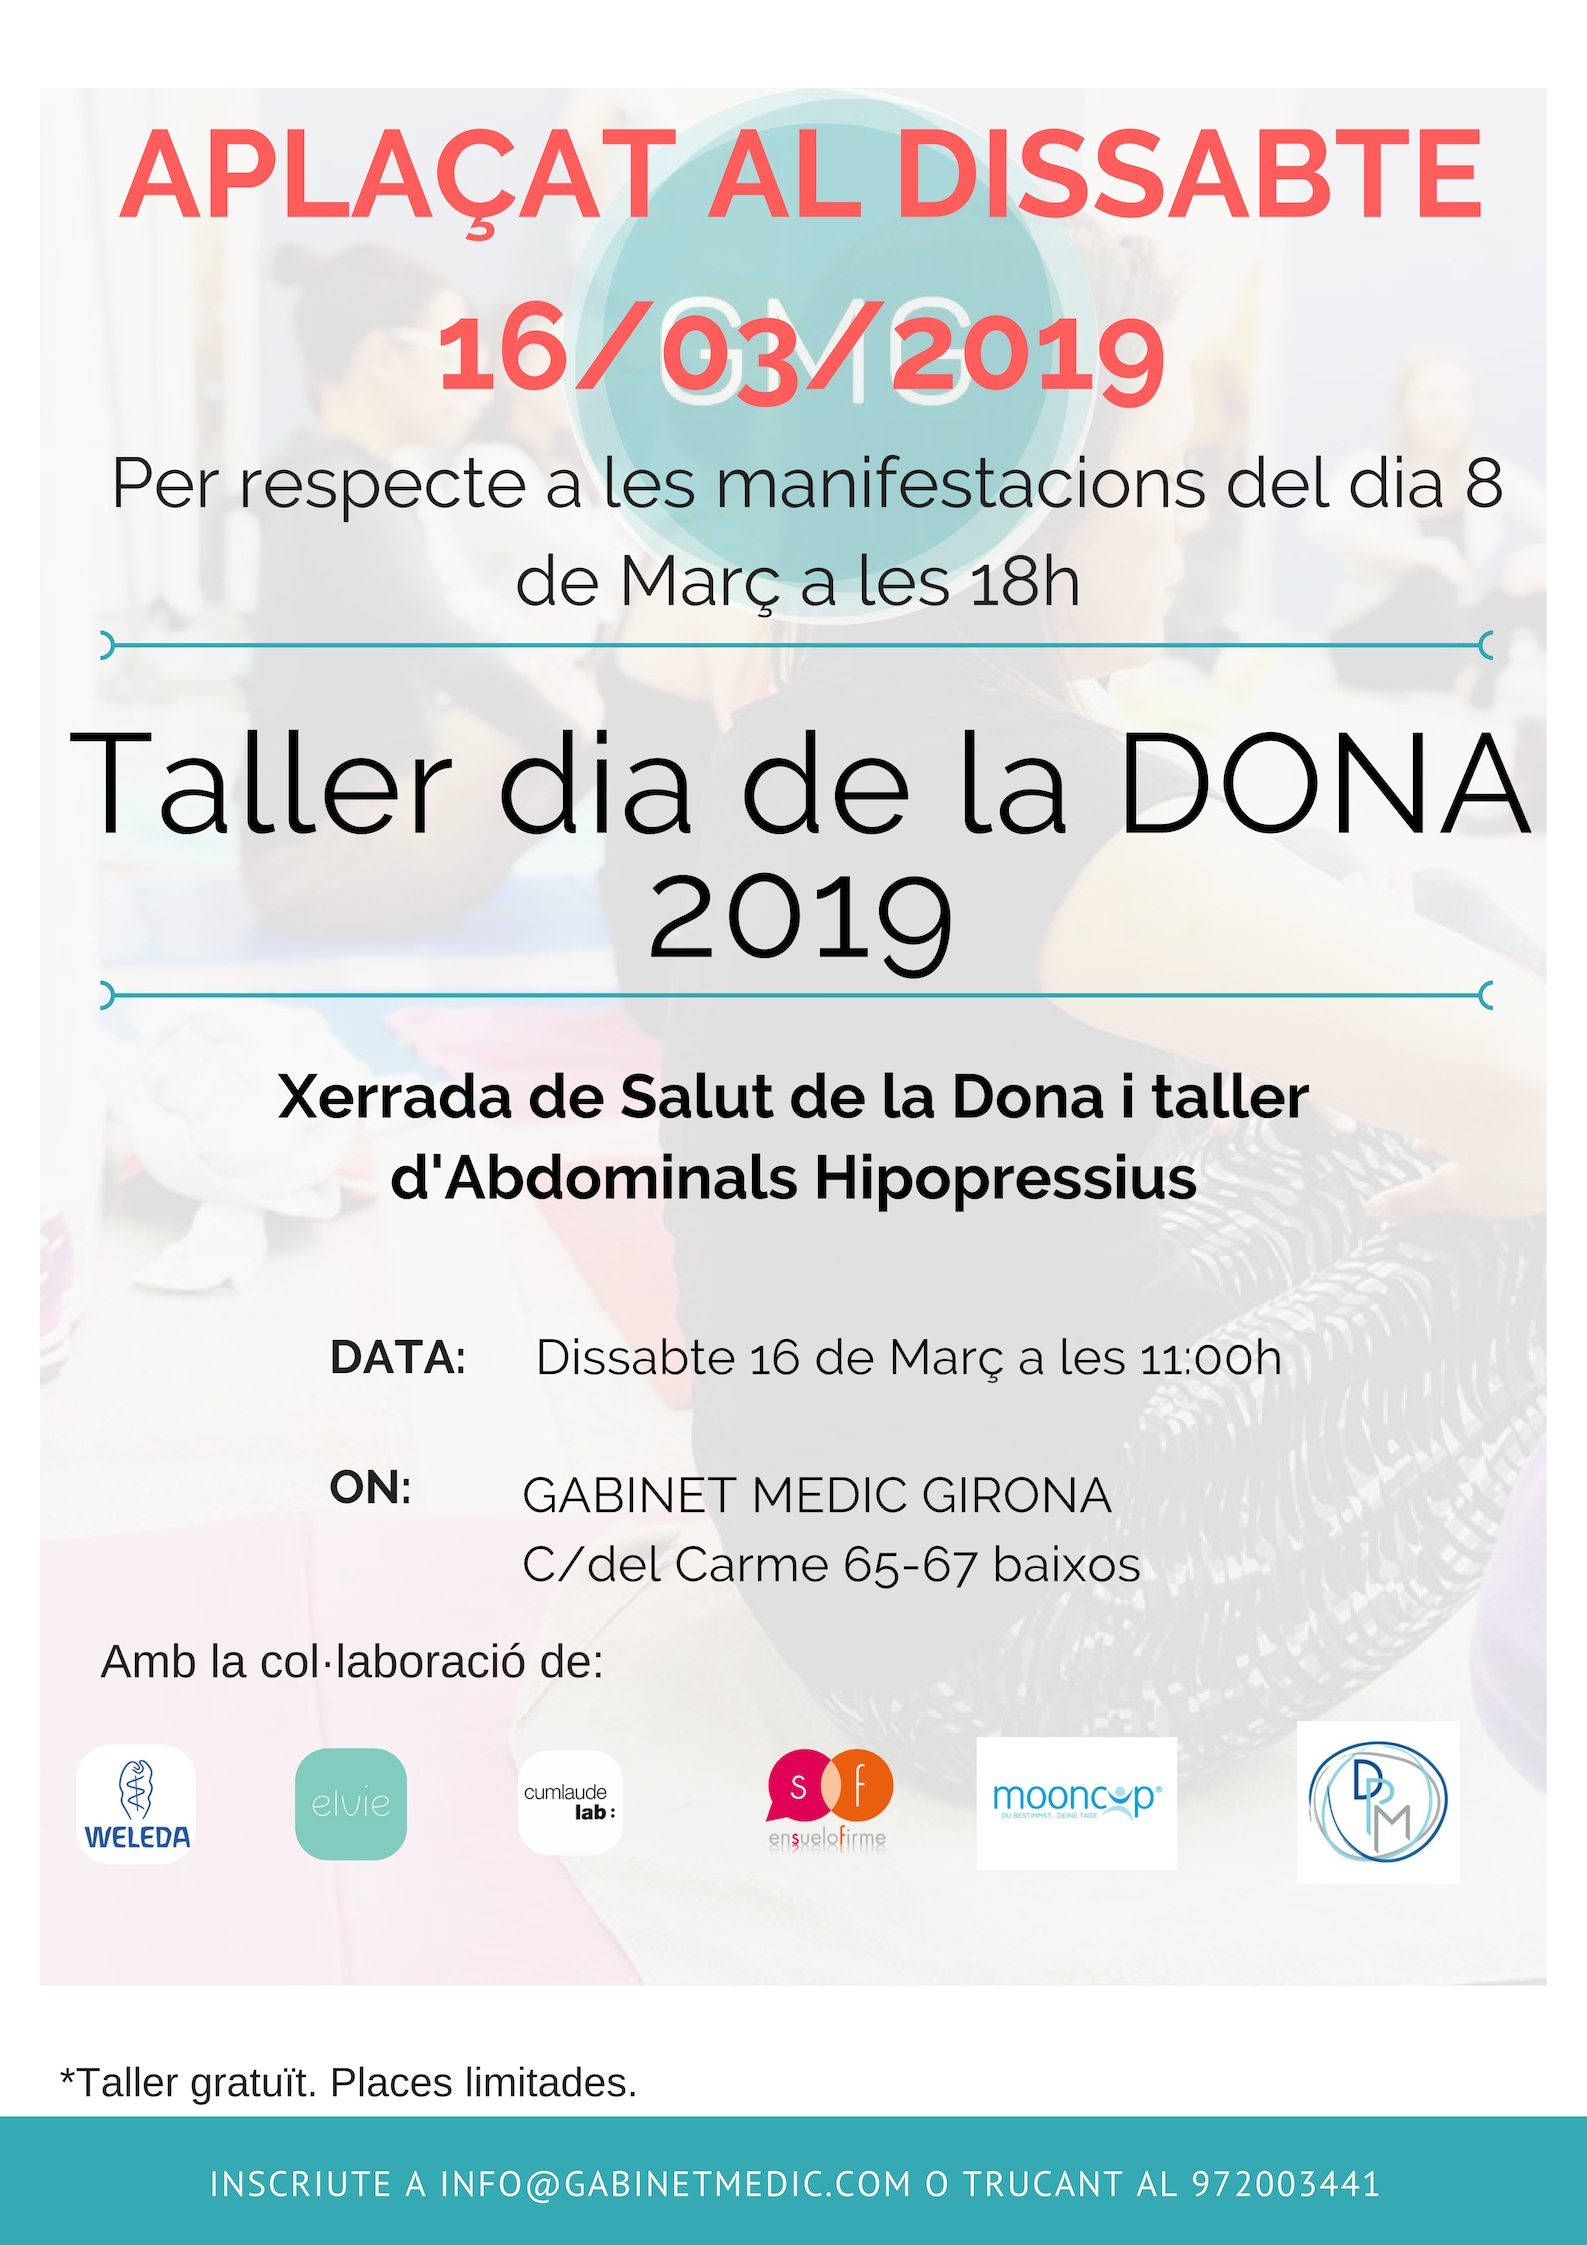 ATENCIÓ! Canvis en el Taller dia de la Dona 2019